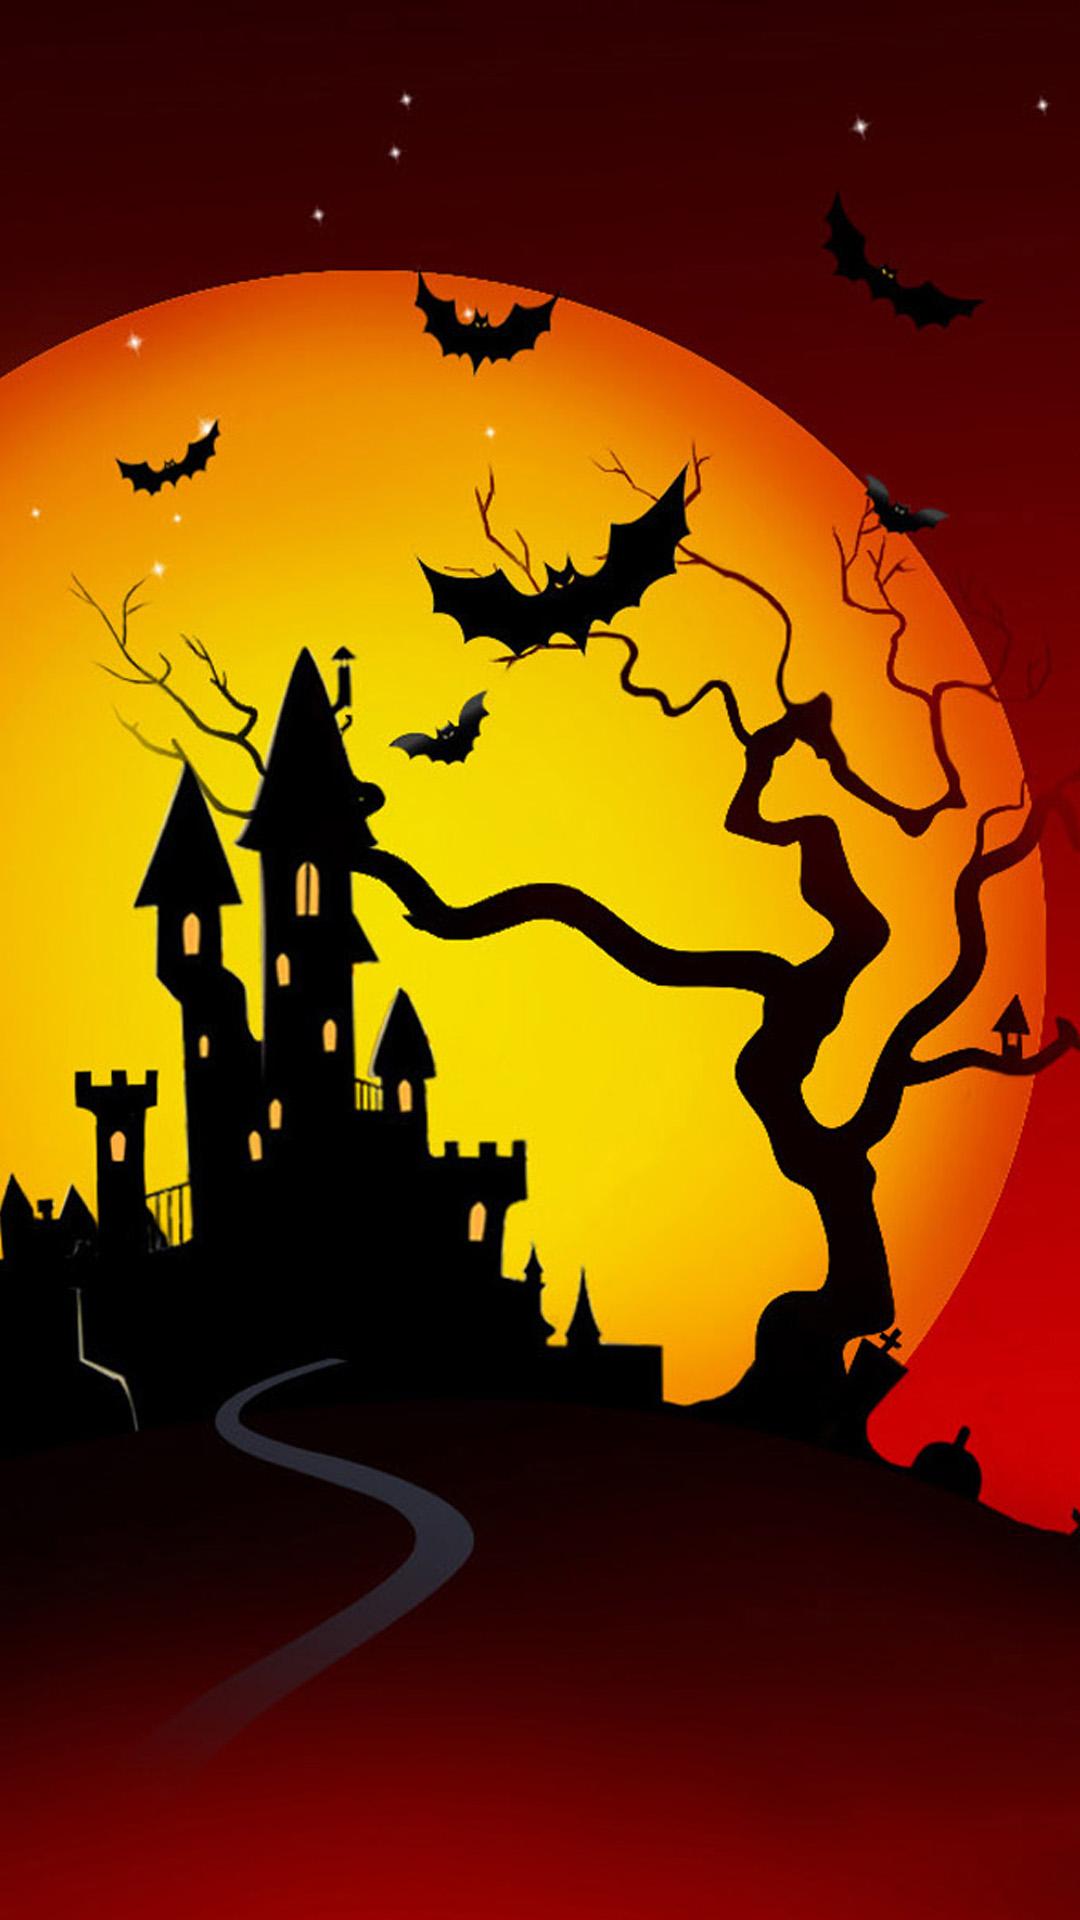 halloween wallpaper iphone 6 plus wallpapersafari